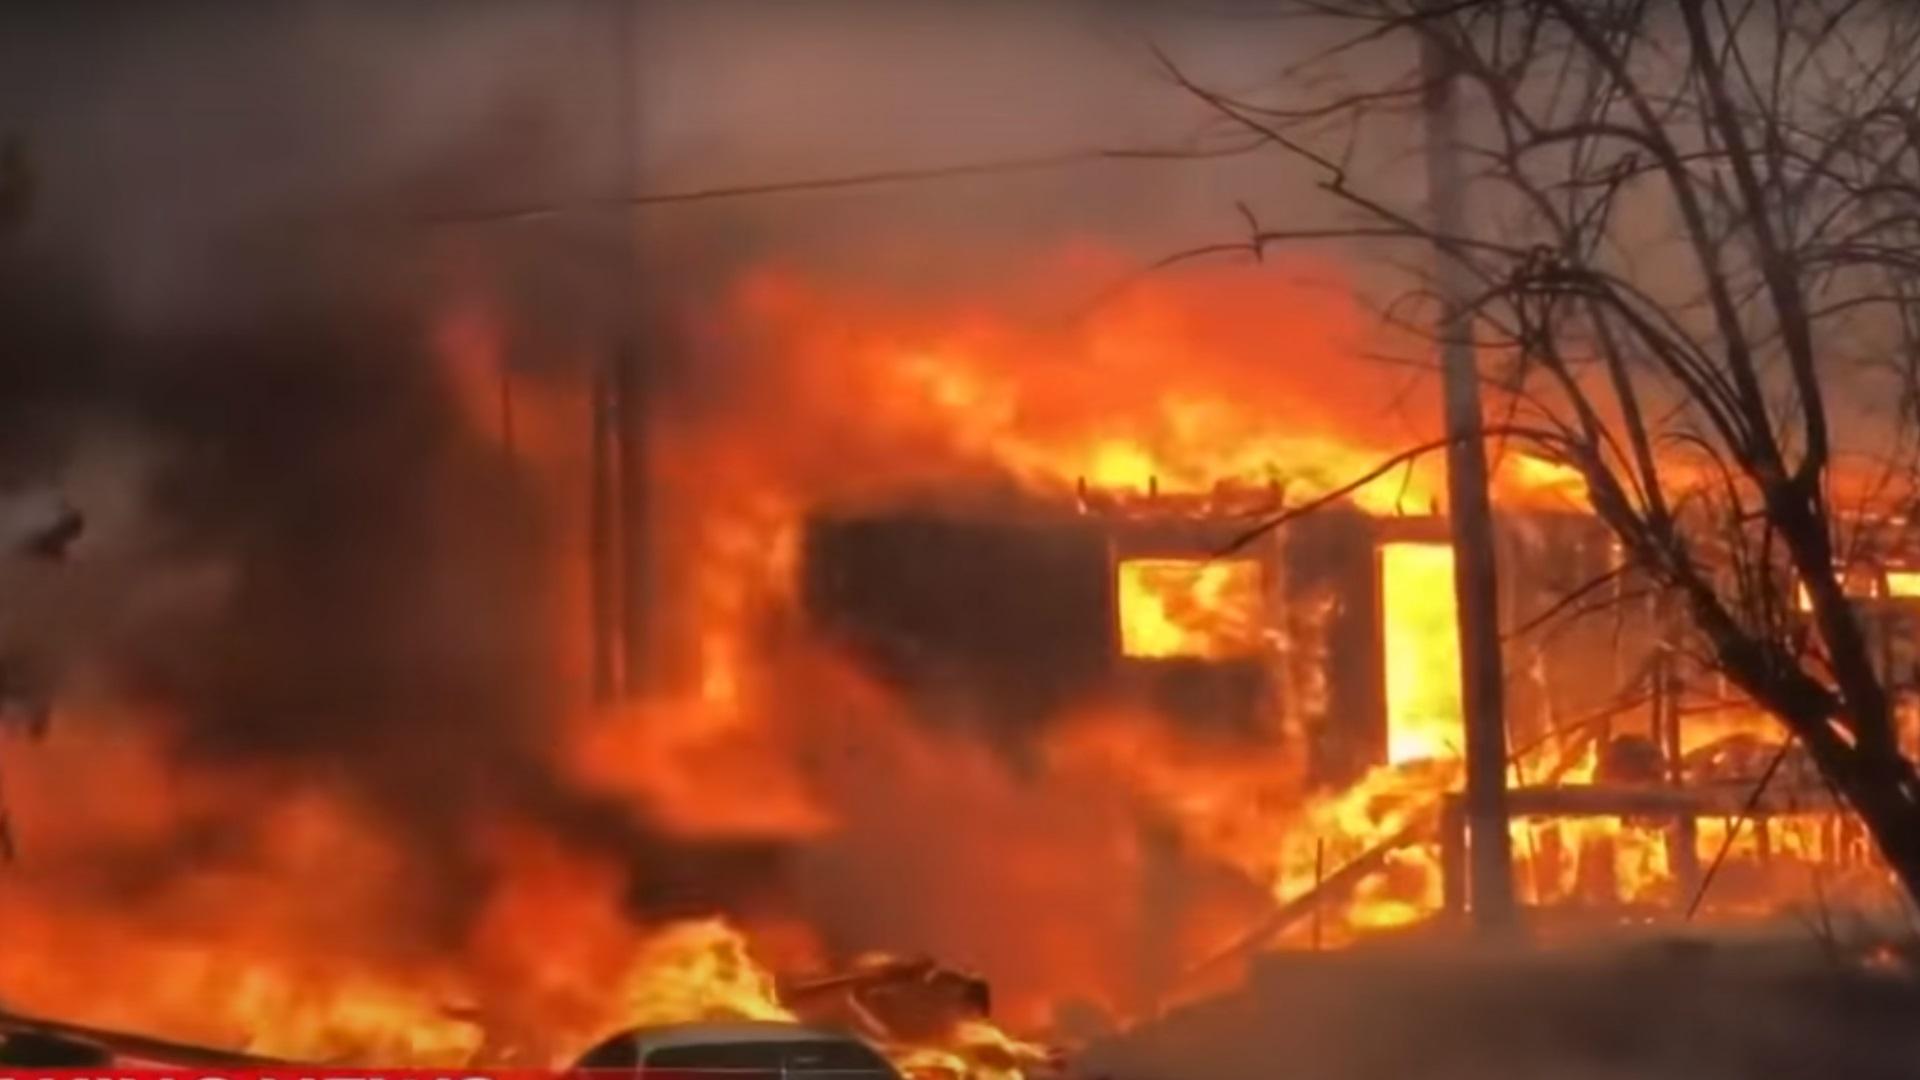 ΗΠΑ: Η πυρκαγιά Ντίξι καίει για μια ακόμη μέρα – Στάχτη 550 κατοικίες και 5.000.000 στρέμματα γης